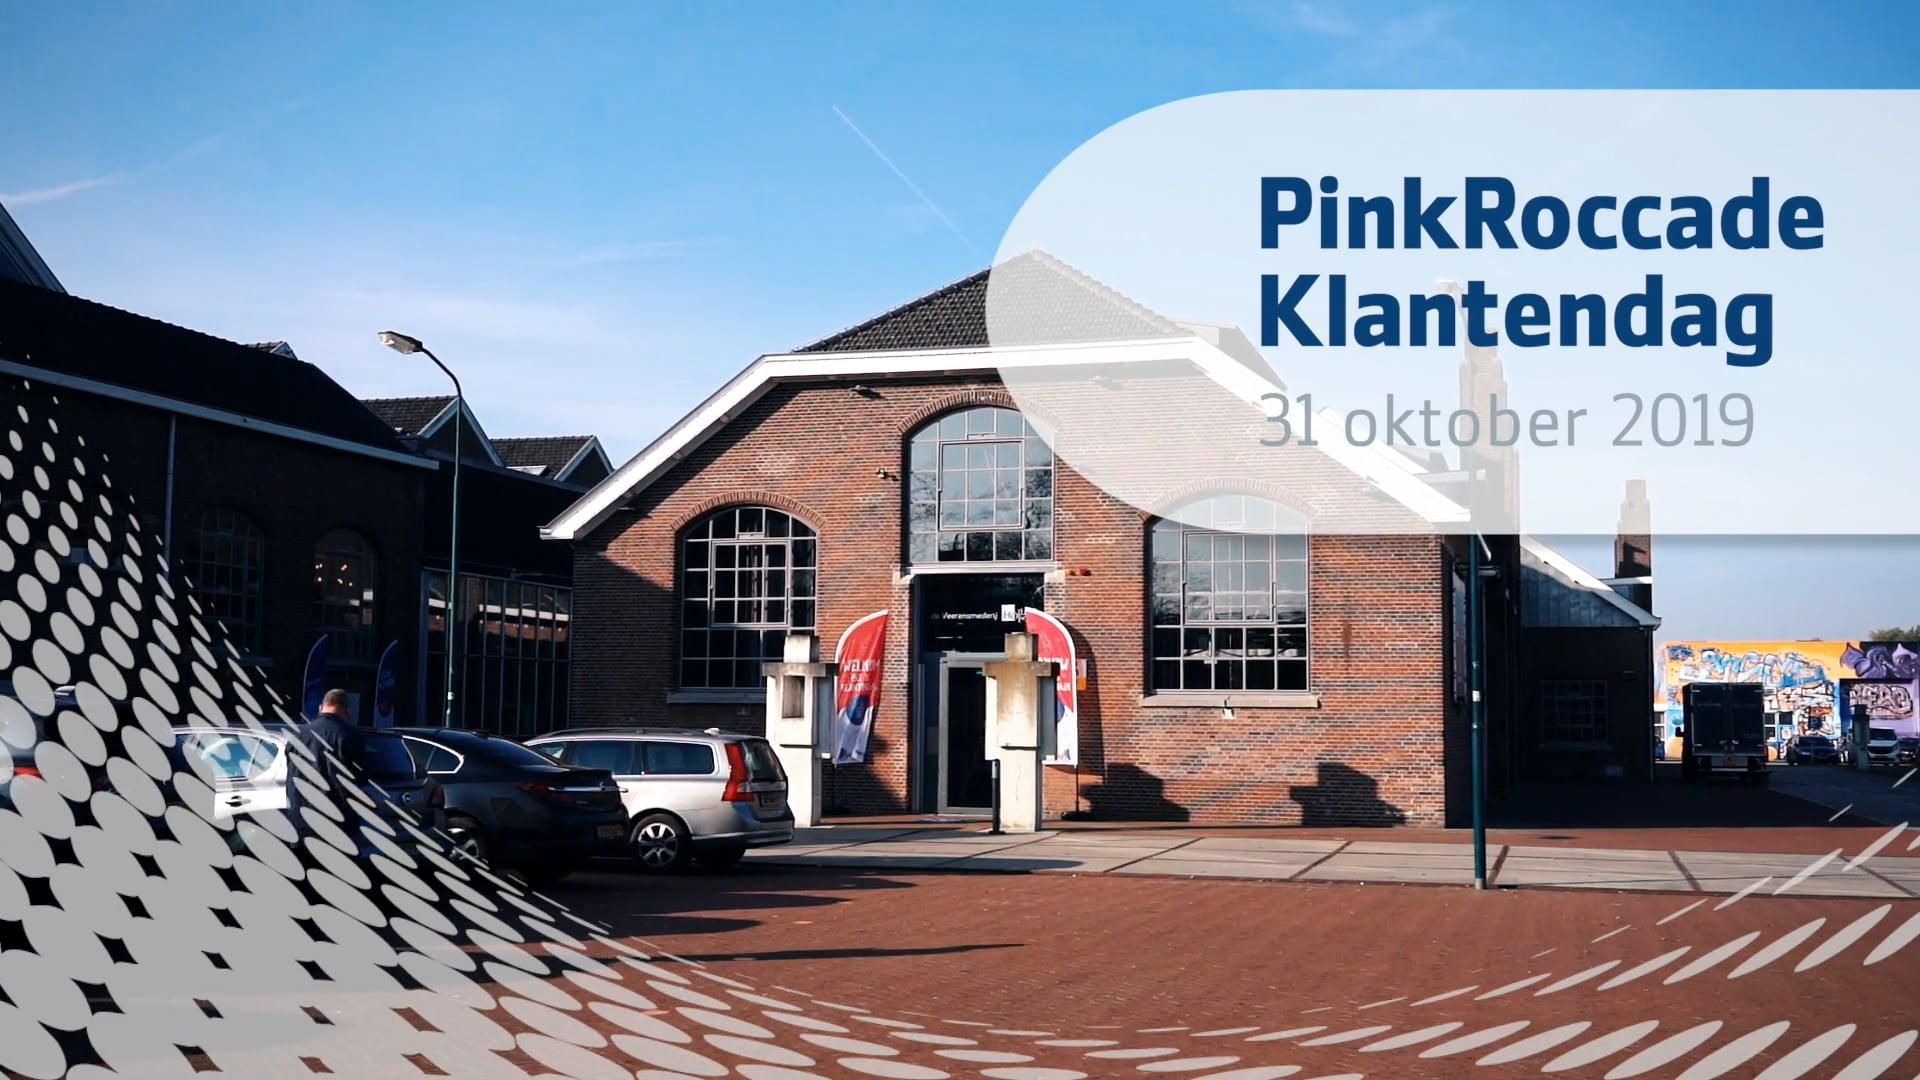 PinkRoccade klantendag_31 oktober 2019